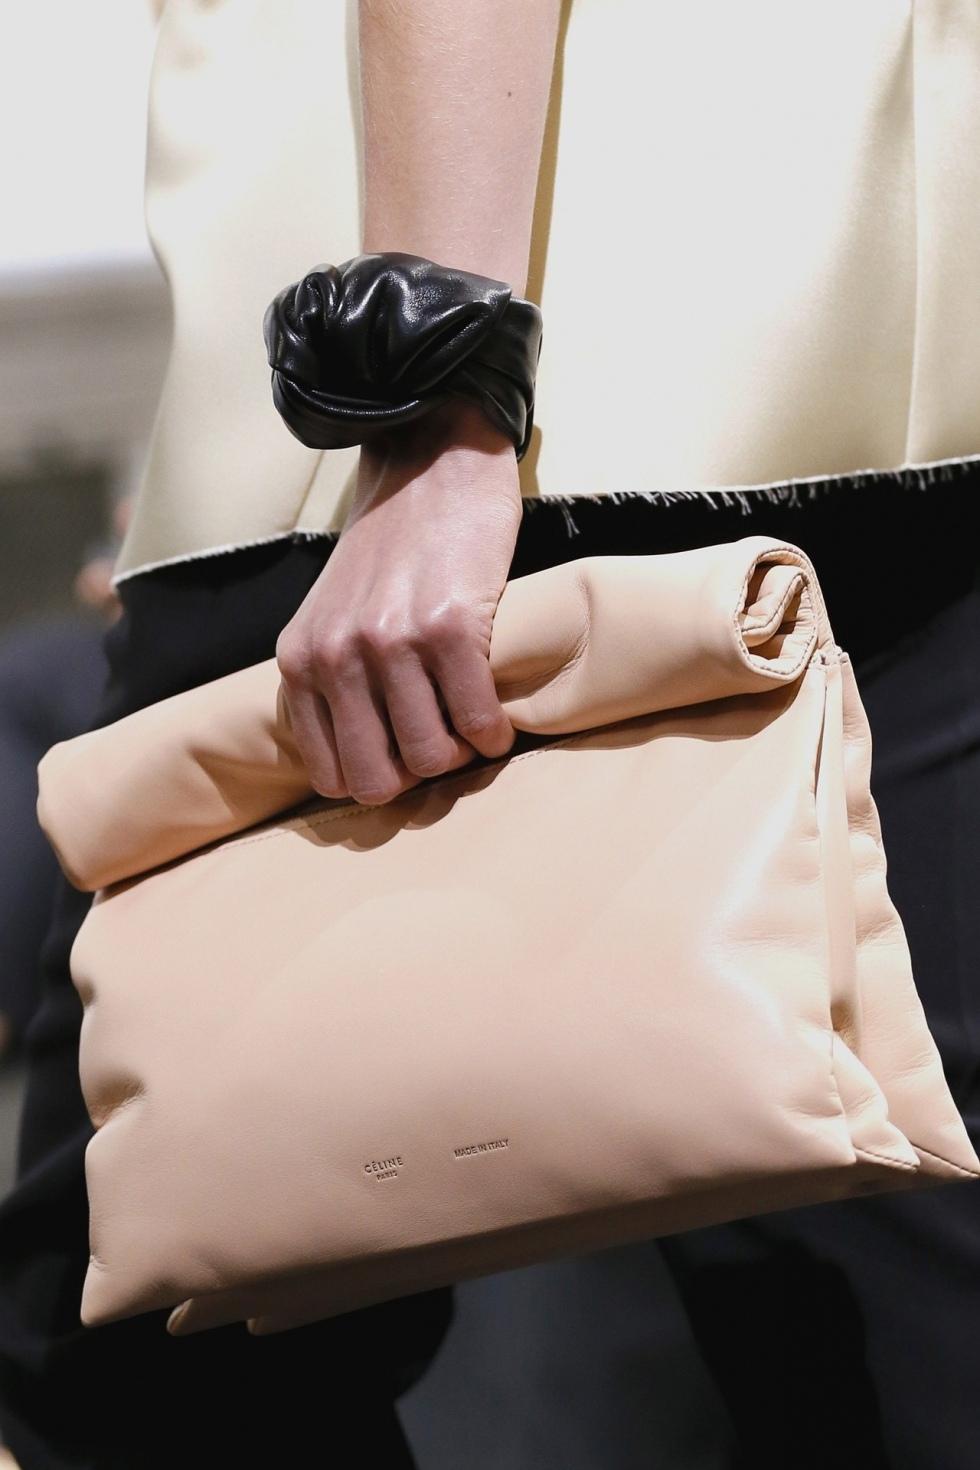 Κάθε γυναίκα λατρεύει τις τσάντες. Και τα παπούτσια. Και τα φορέματα. Αλλά  βασικά τις τσάντες. Που κλείνουν μέσα τους τη ζωή της. Που της χαϊδεύουν το  χέρι ... f4608e6a293